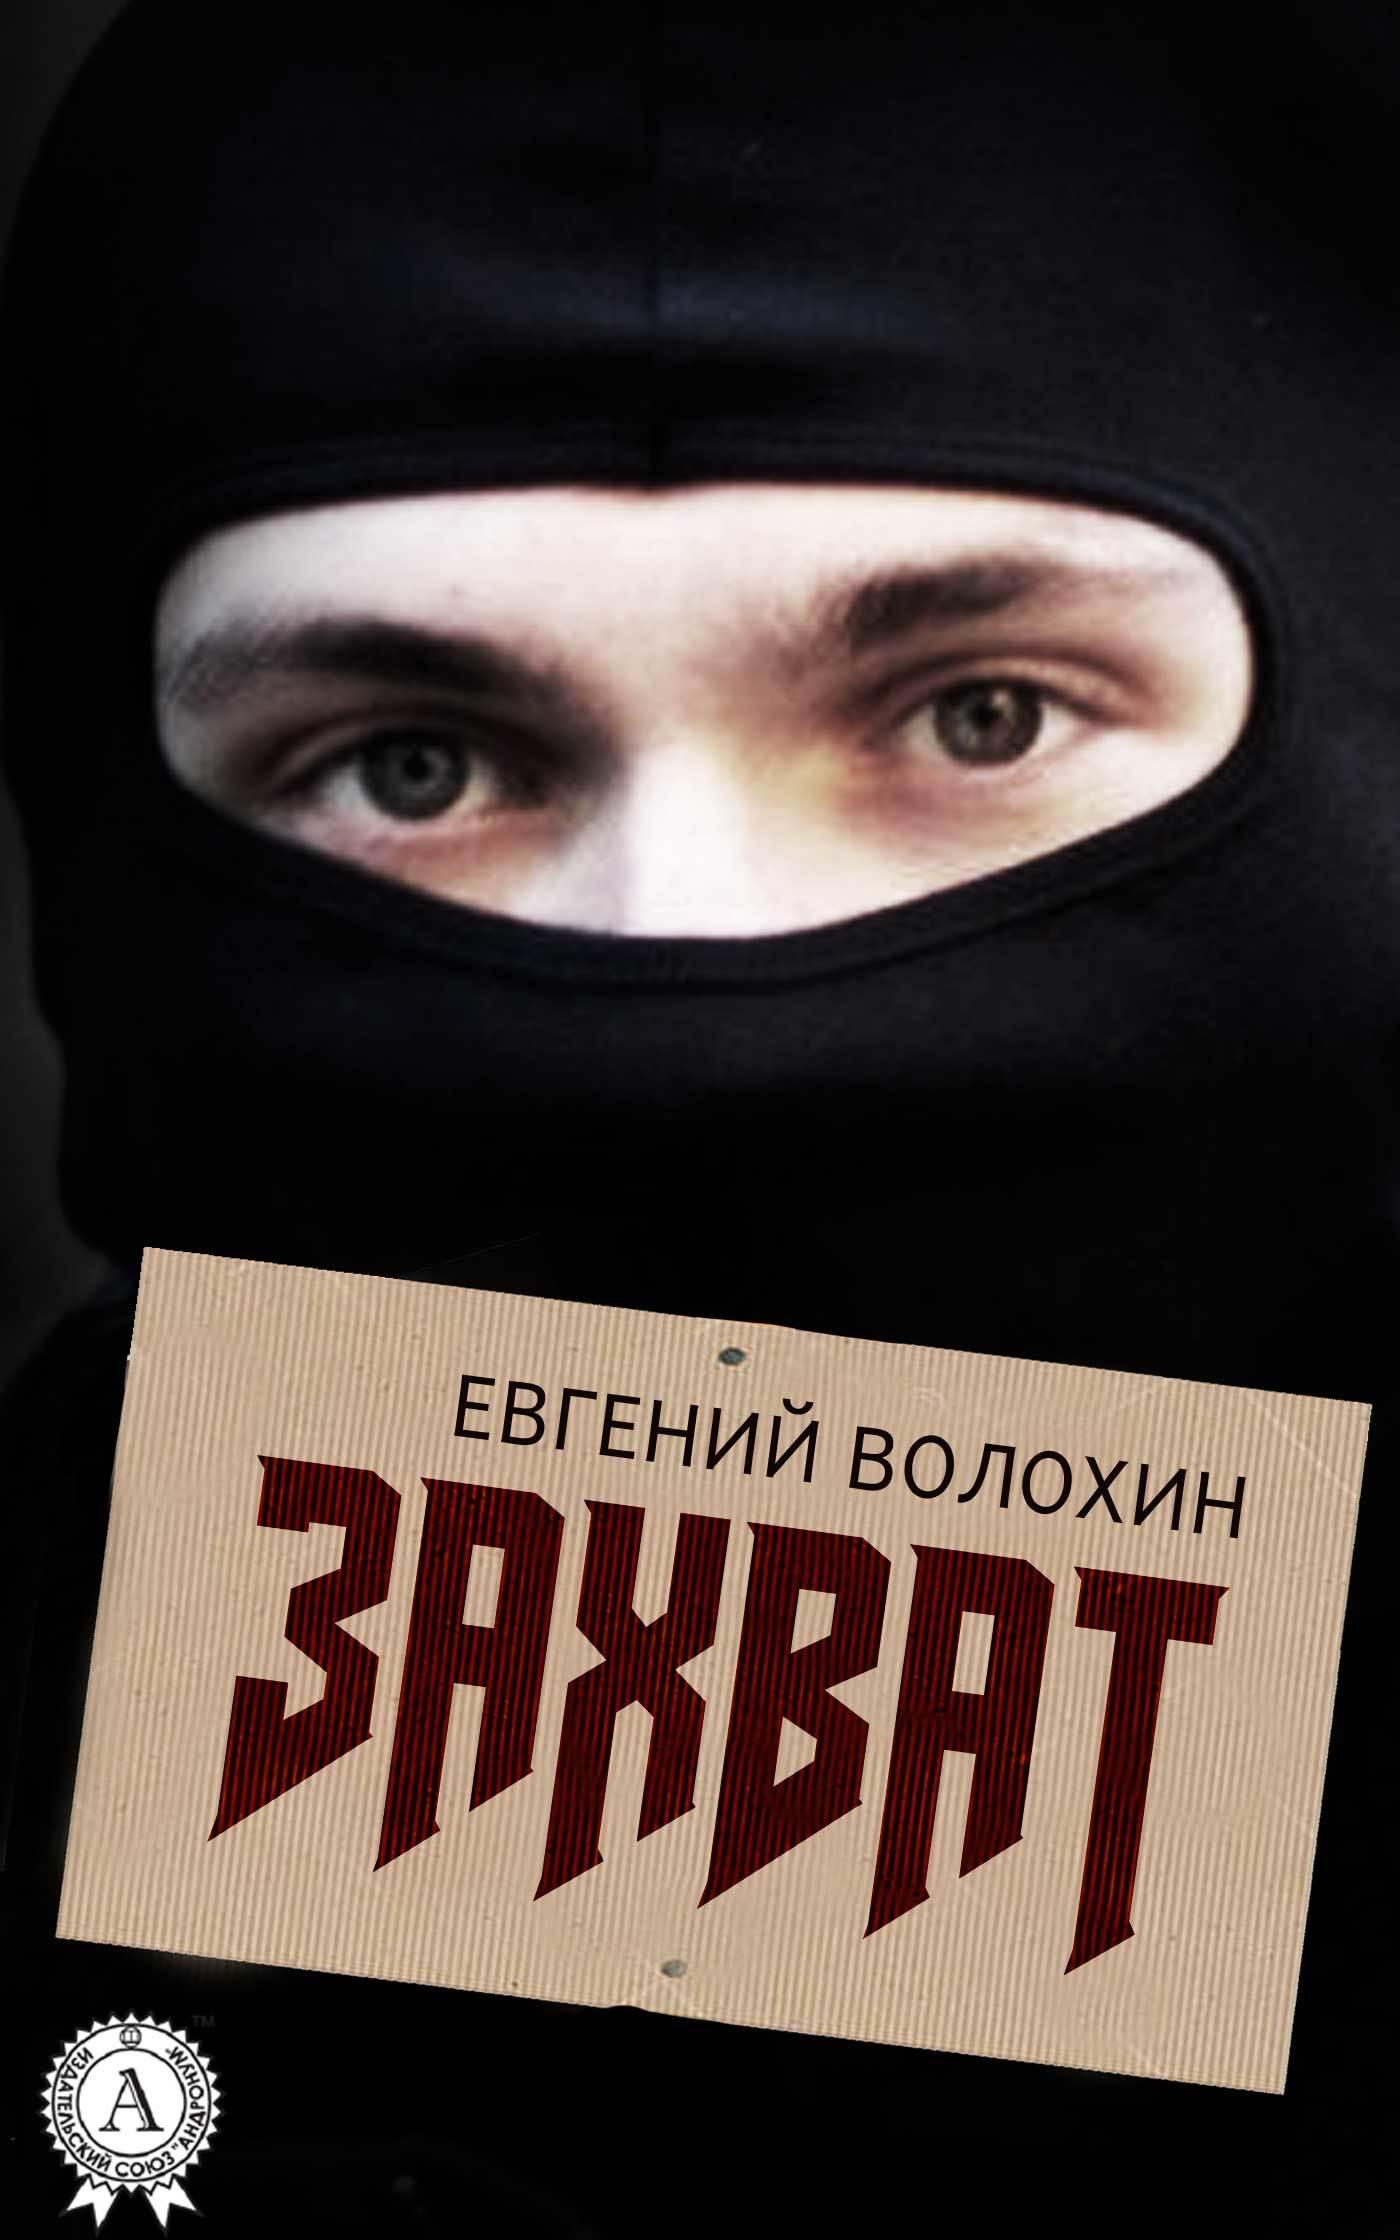 яркий рассказ в книге Евгений Волохин